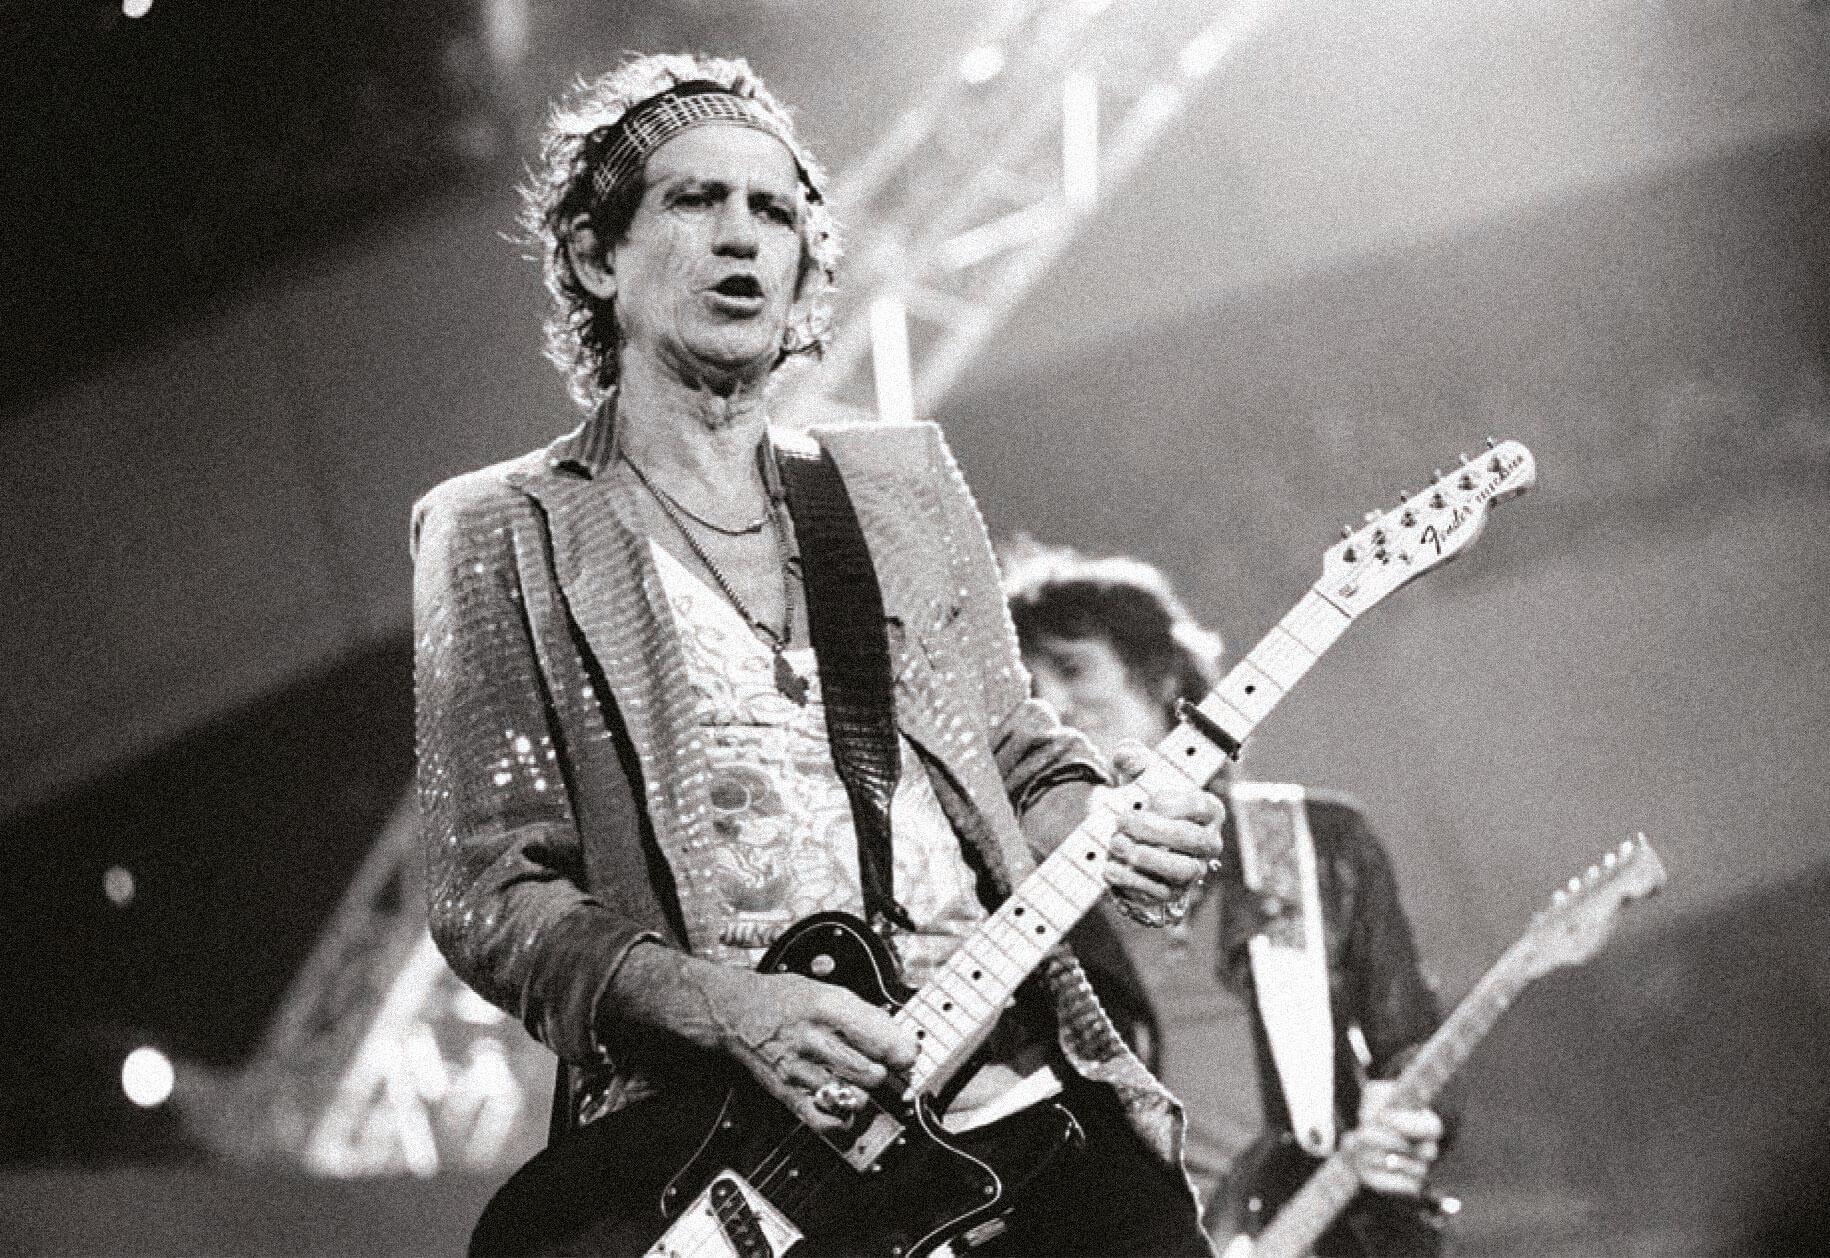 Кит Ричардс наконцерте The Rolling Stones вАмстердаме, 2006. Фото: Peter Pakvis / Getty Images